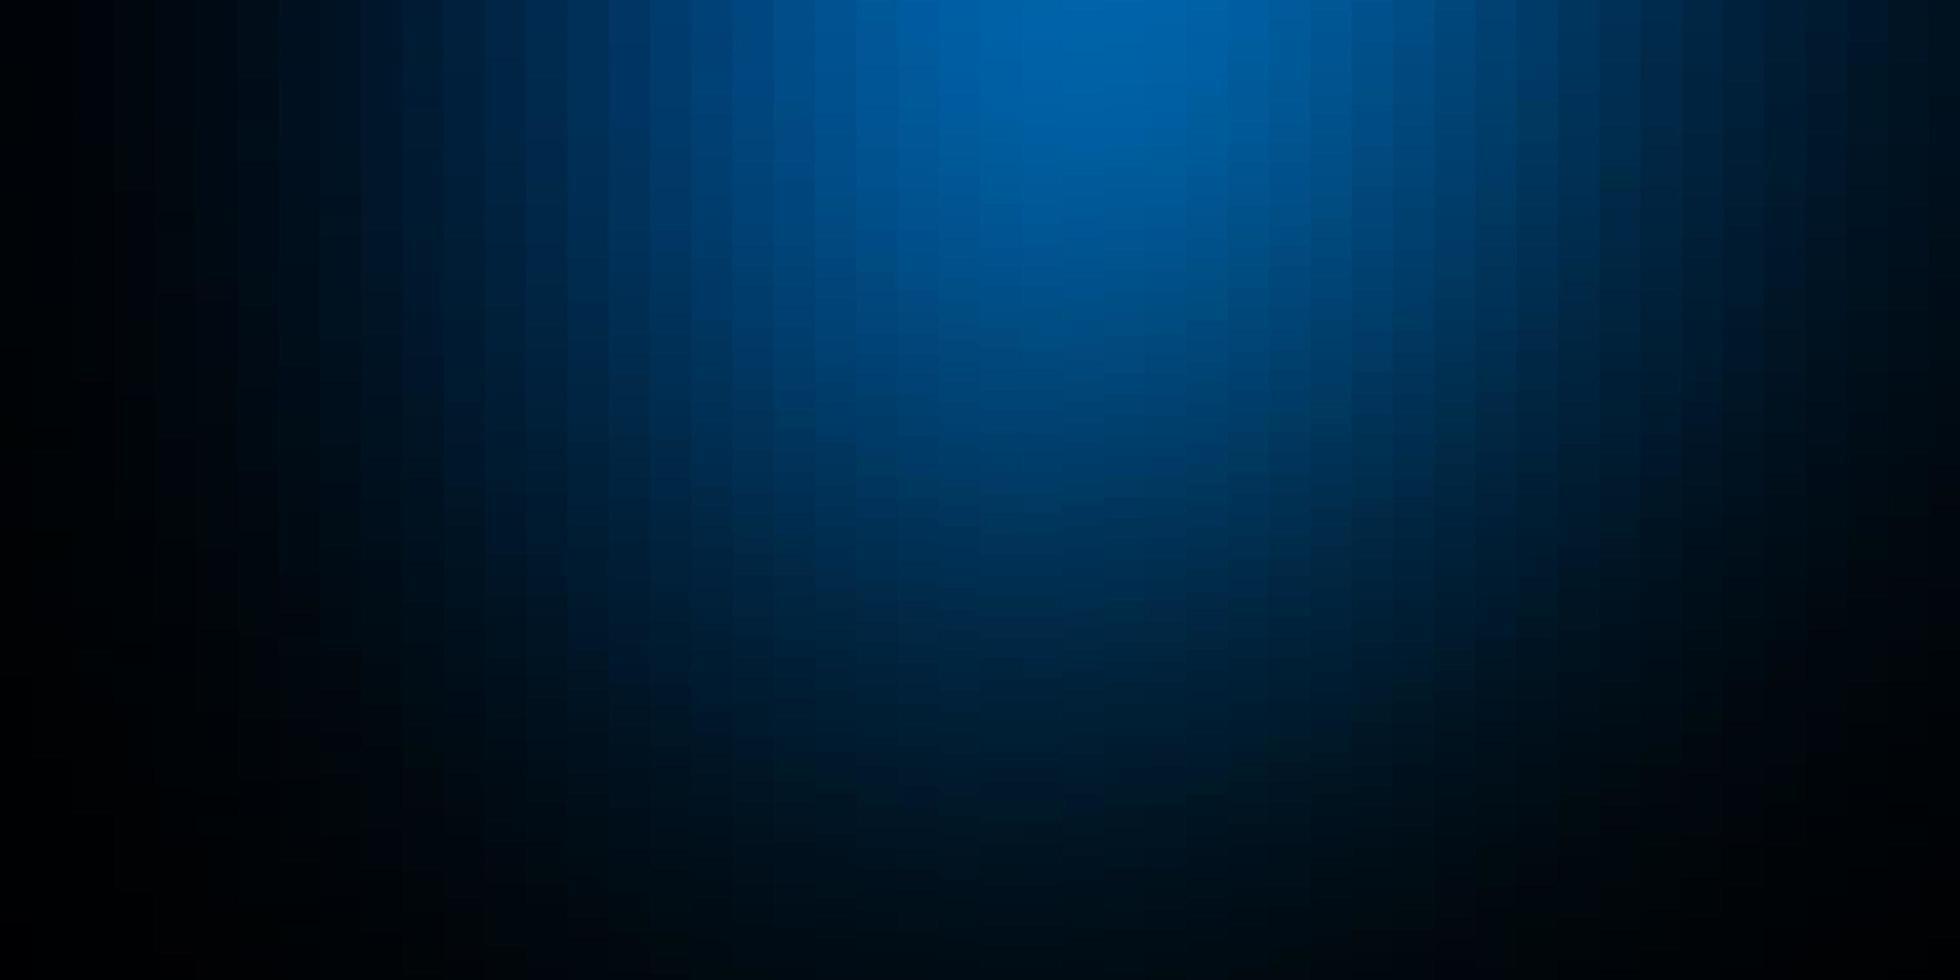 padrão de vetor azul escuro em estilo quadrado.